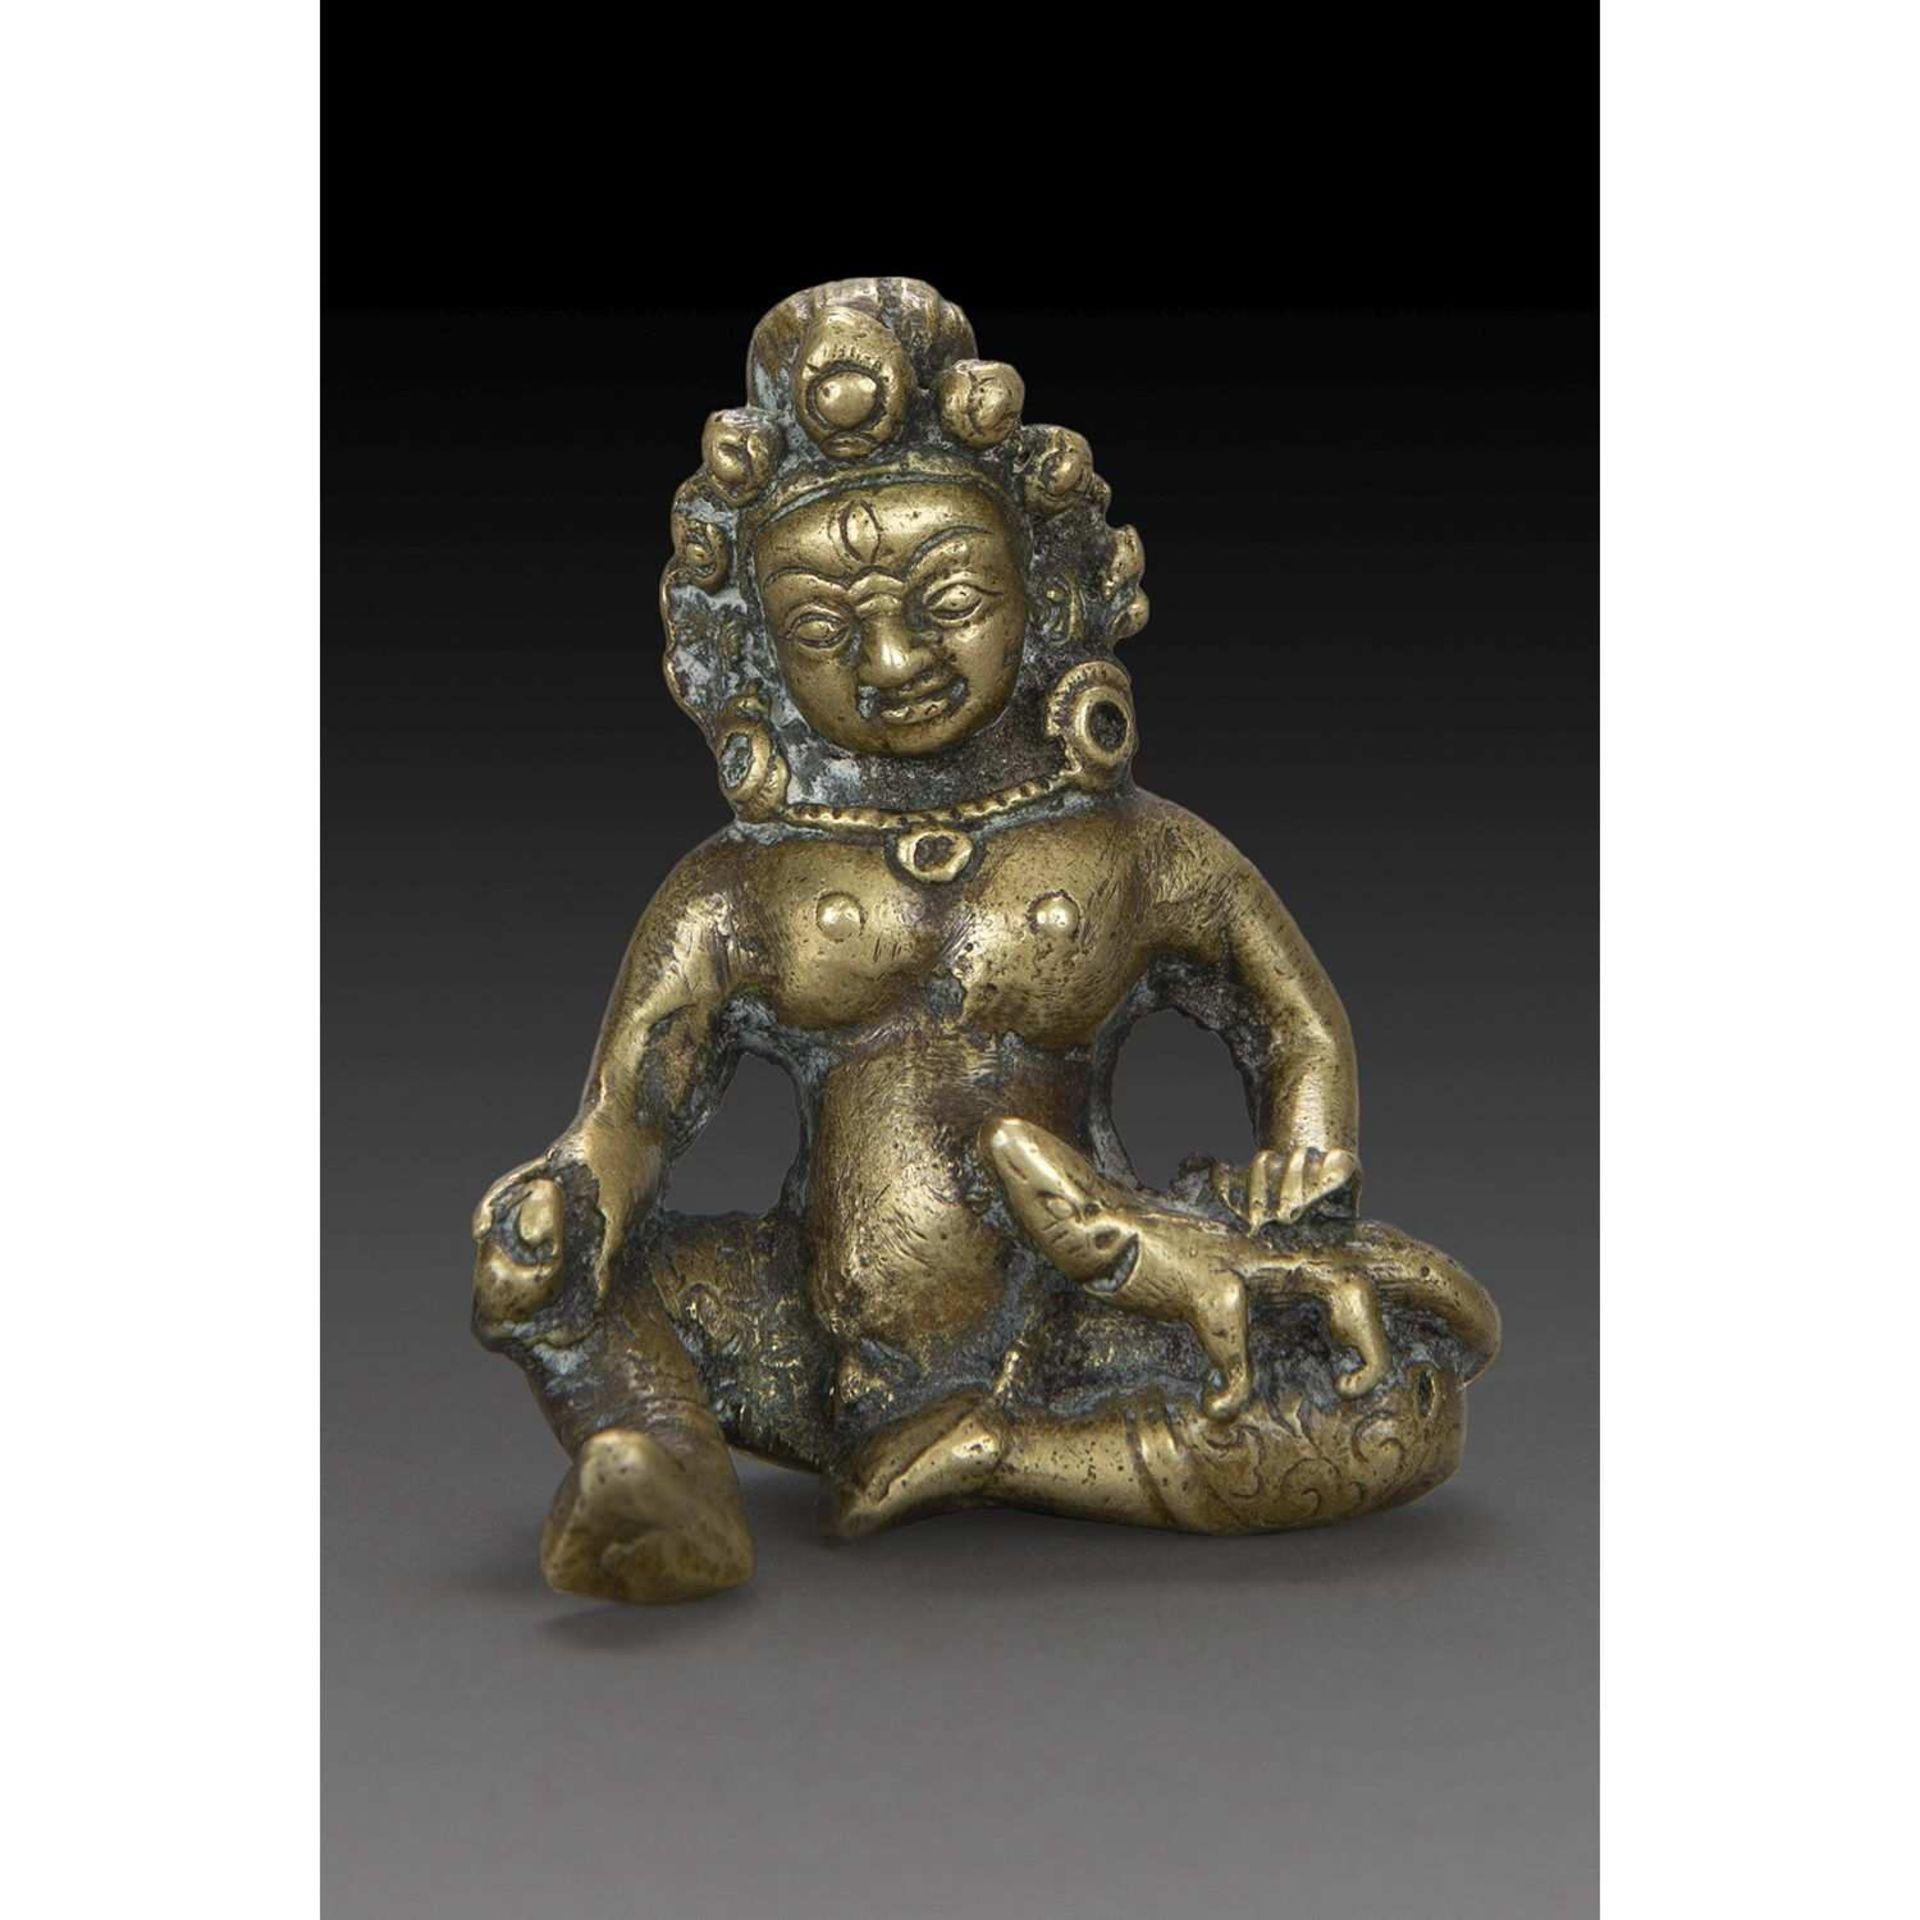 PETITE STATUETTE DE KUBERA en bronze, représenté assis en délassement, sa mangouste sur le genou